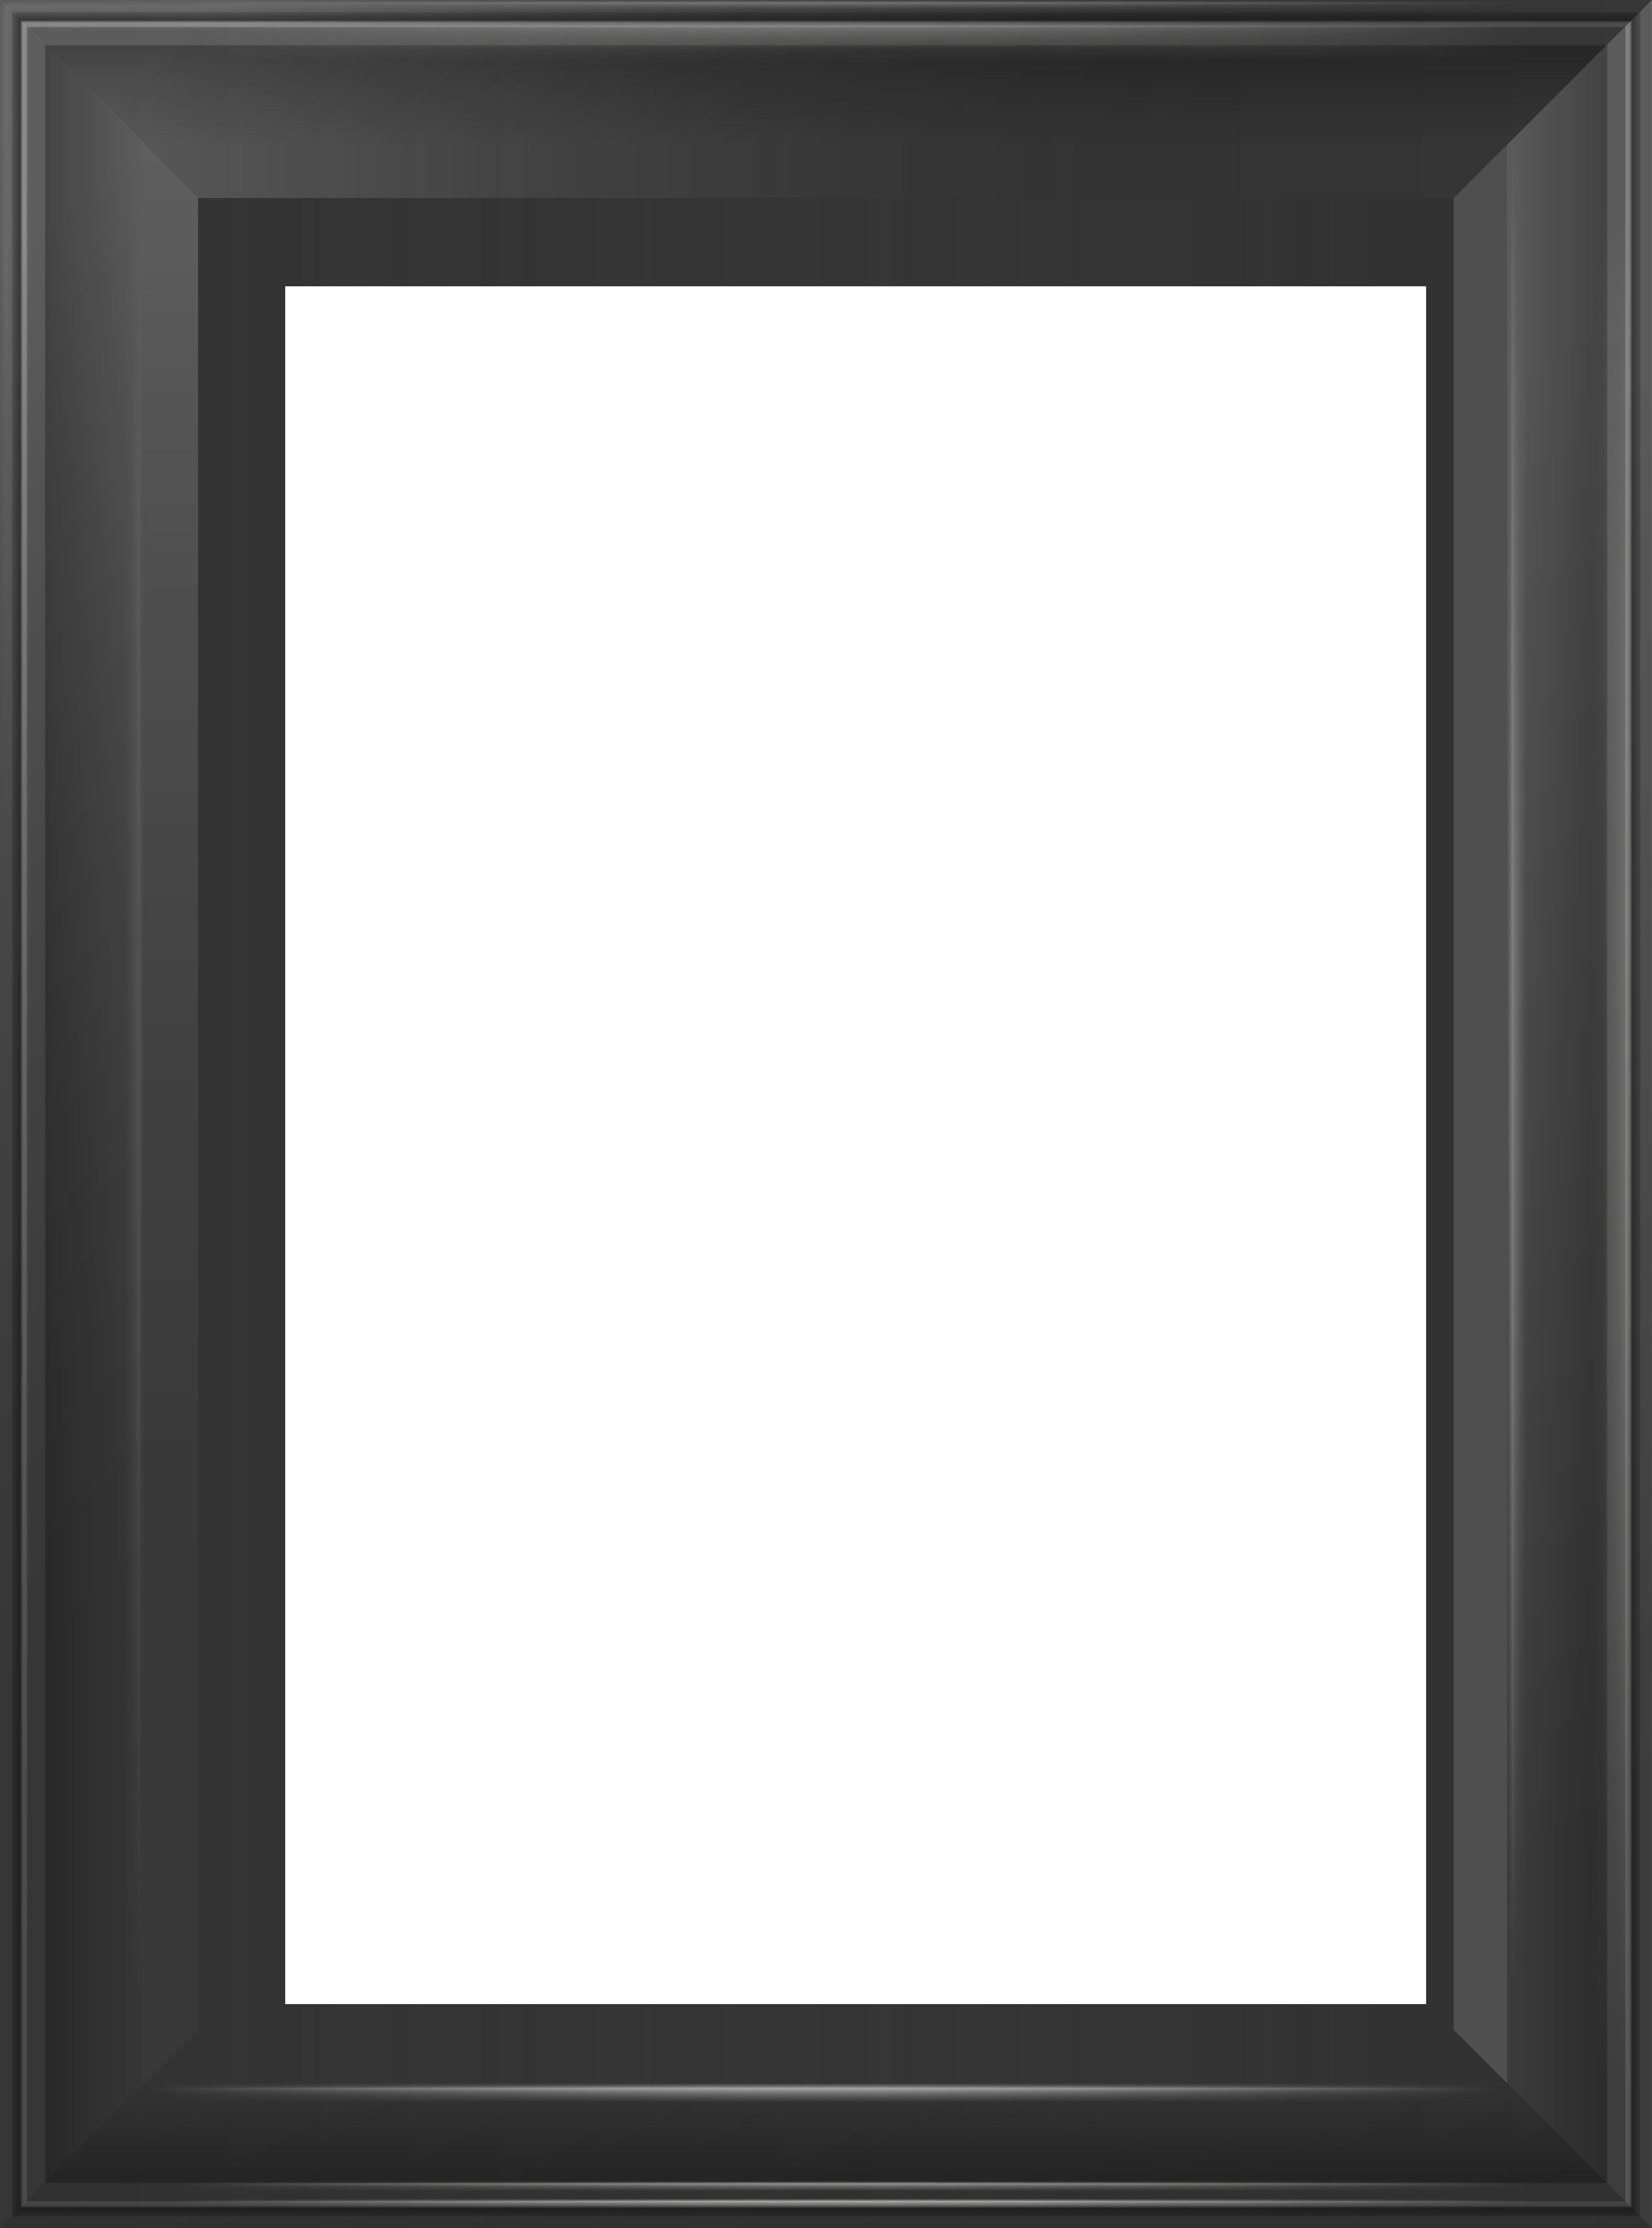 Black Frame Png & Free Black Frame.png Transparent Images.